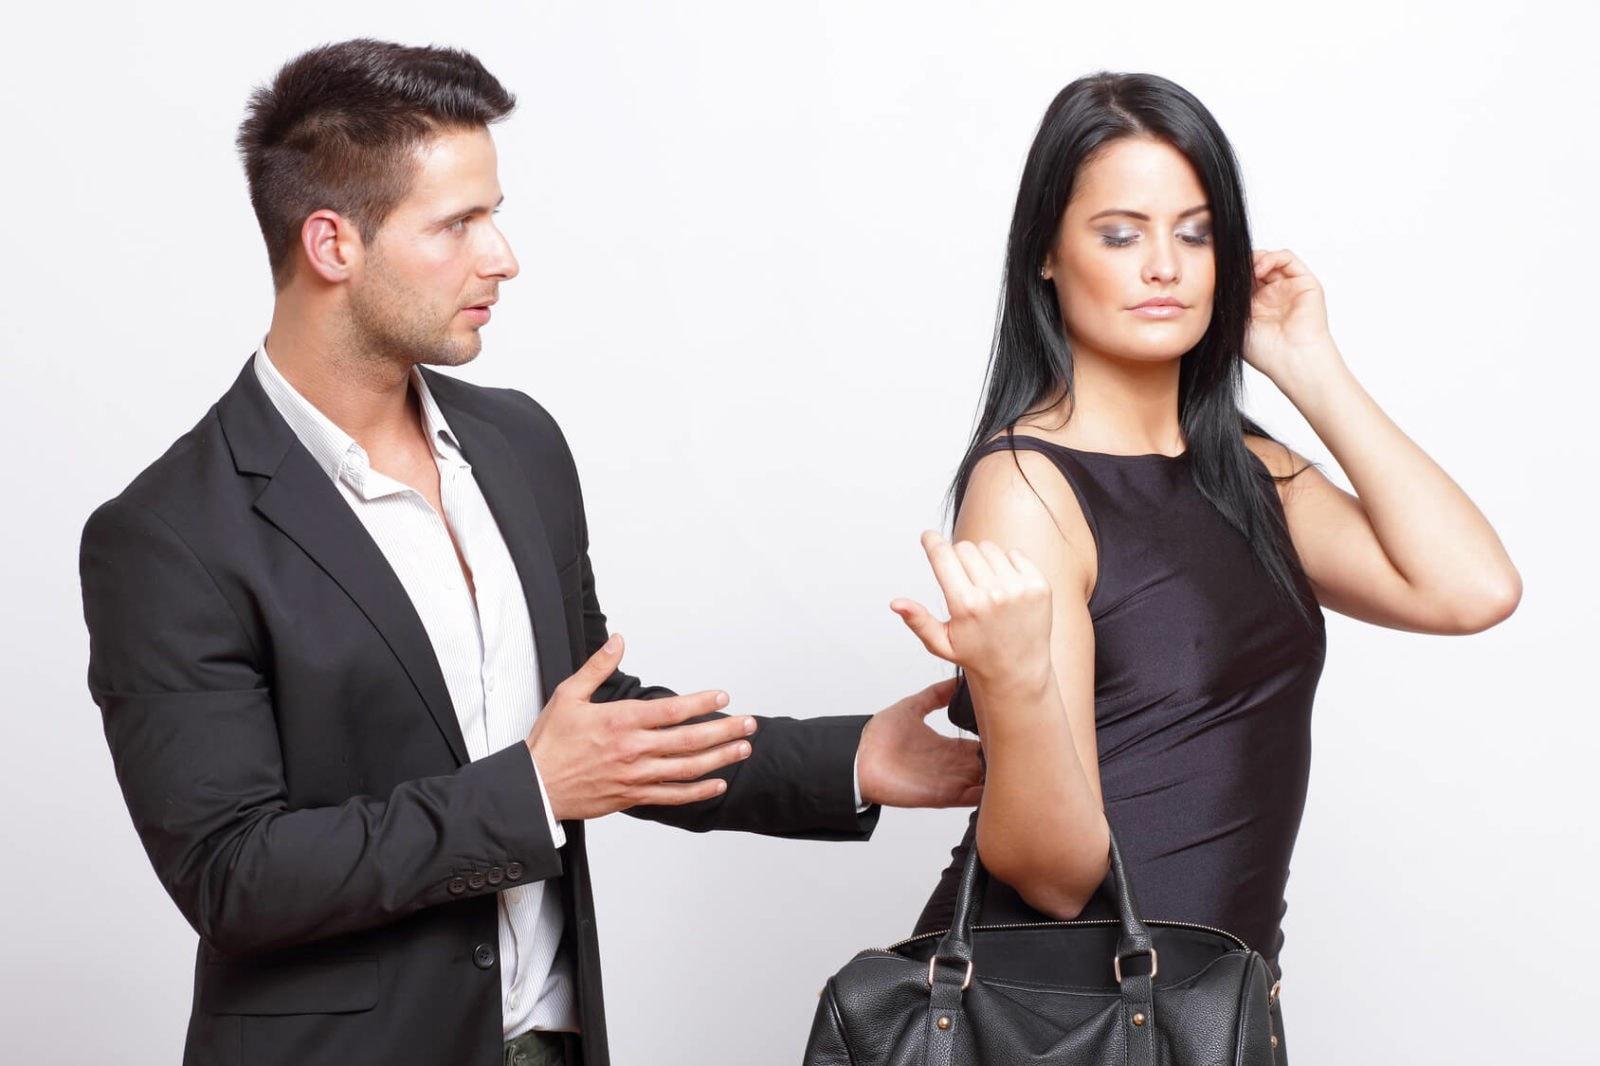 как стать главным в отношениях с девушкой